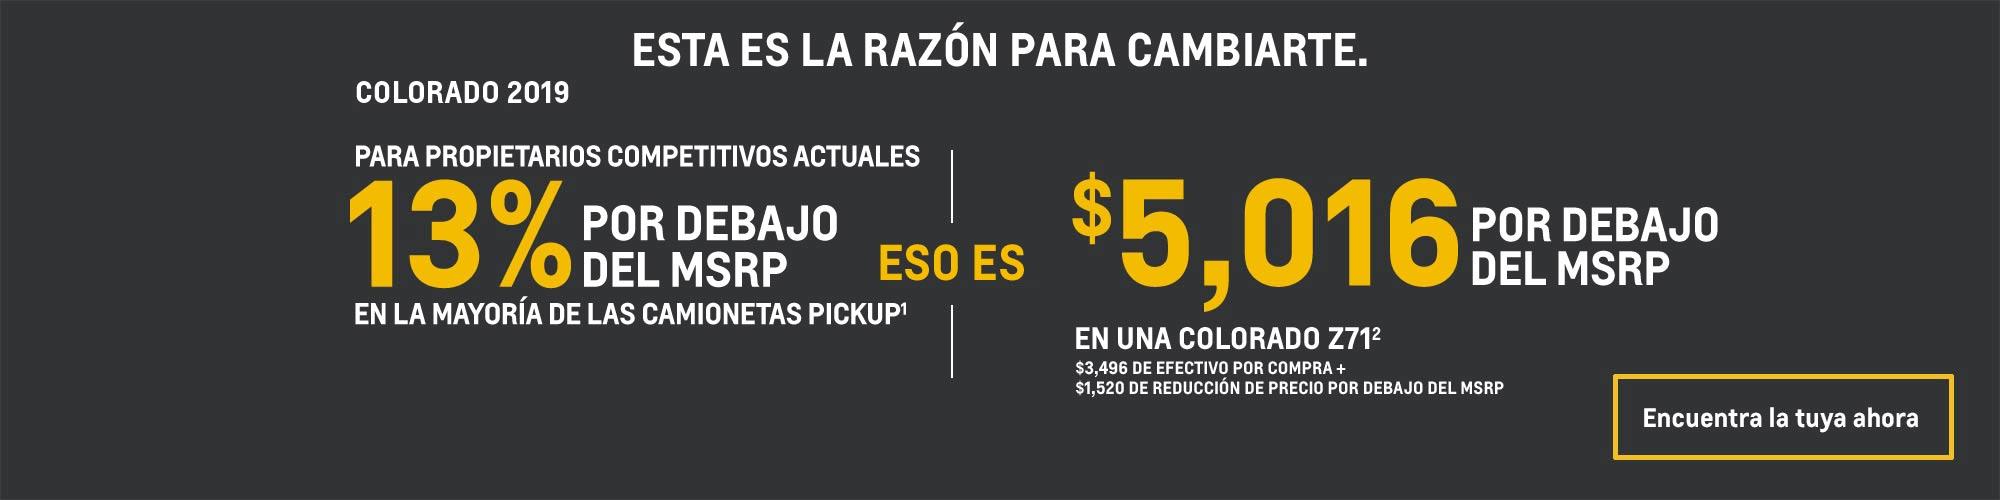 Chevrolet Colorado 2019: 14% por debajo del MSRP